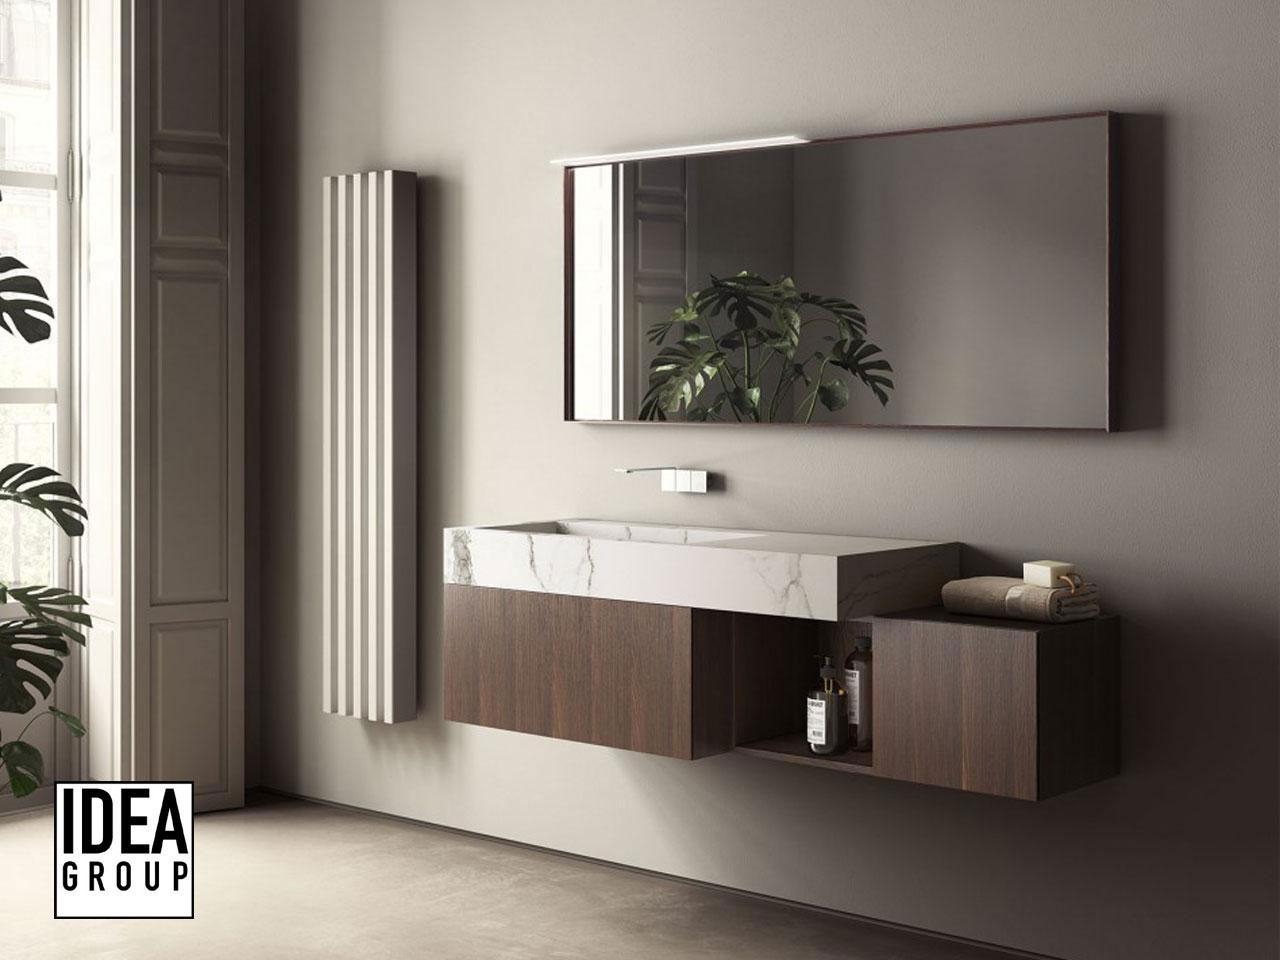 Bagni moderni: il vero protagonista è il mobile da bagno! | Bagnoidea